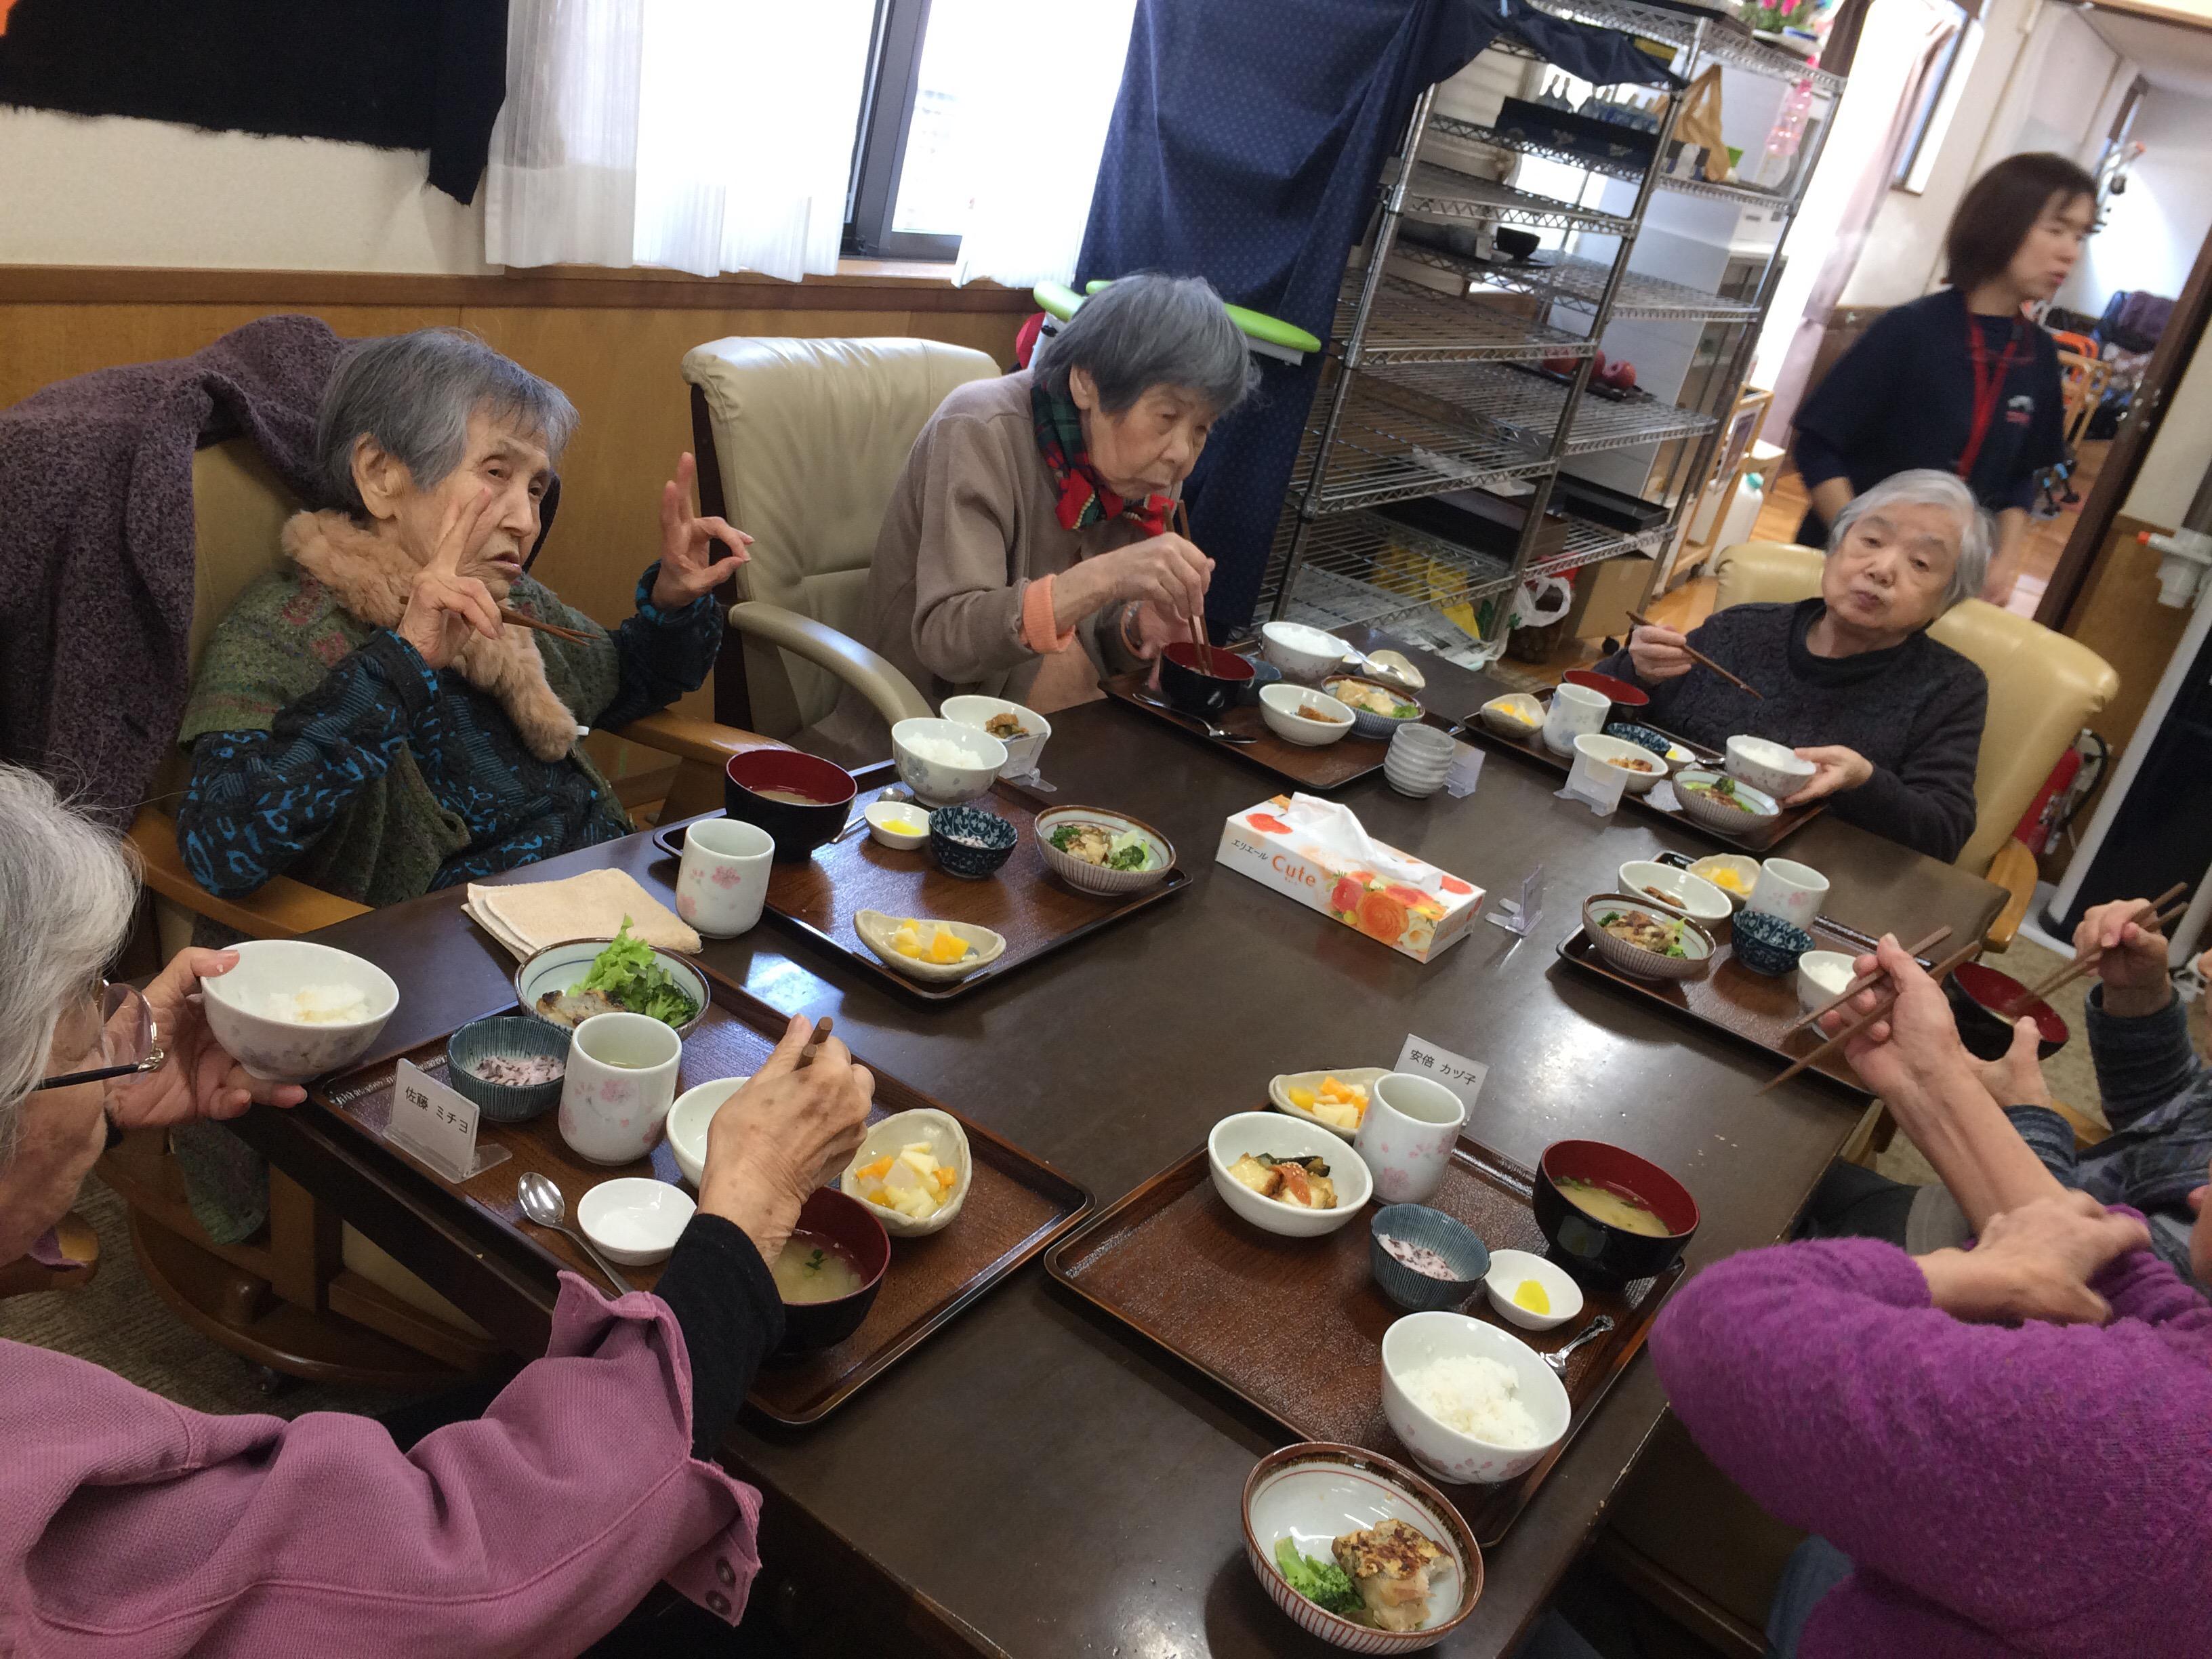 img 0167 - さくら館のお昼ごはん🍚🌸だぜぇ〜〜〜♪